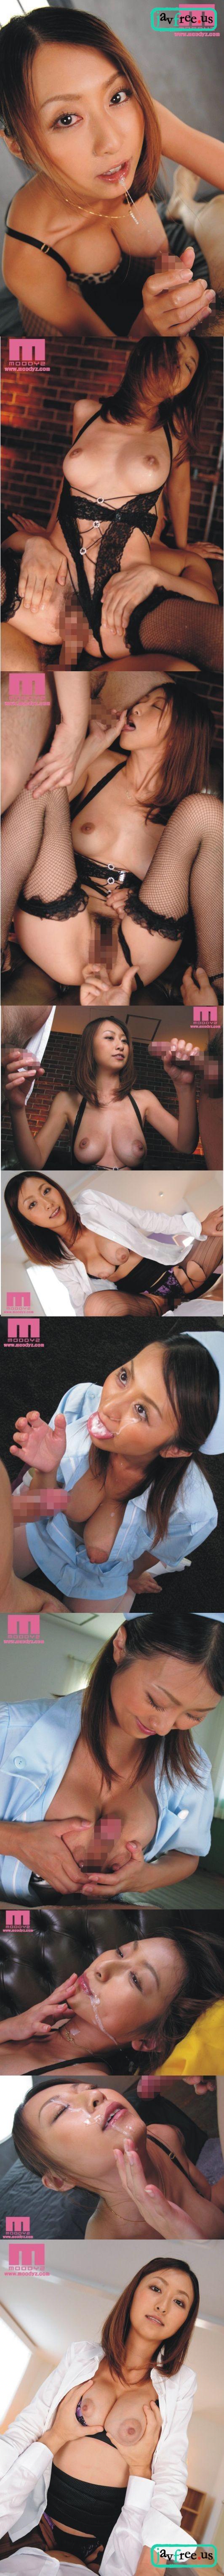 [MIDD 718] チ○ポを鍛える励まし淫語セックス 青木玲 青木玲 MIDD